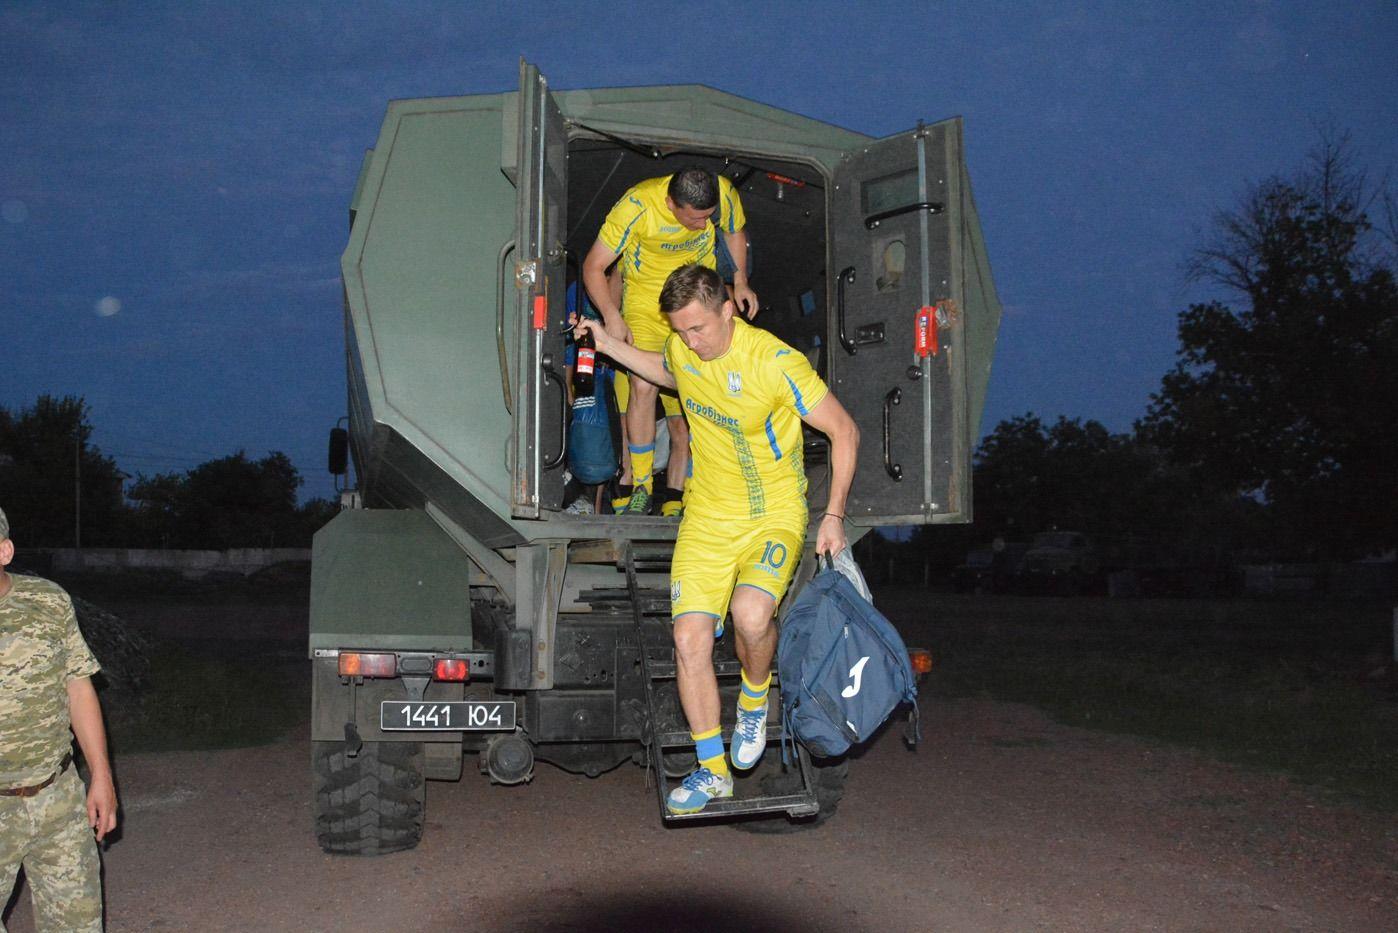 Собуцкий: Звезда сборной ветеранов взойдет на Донбасс-Арене. Задача сложная, но мы верим в ее осуществление - изображение 1